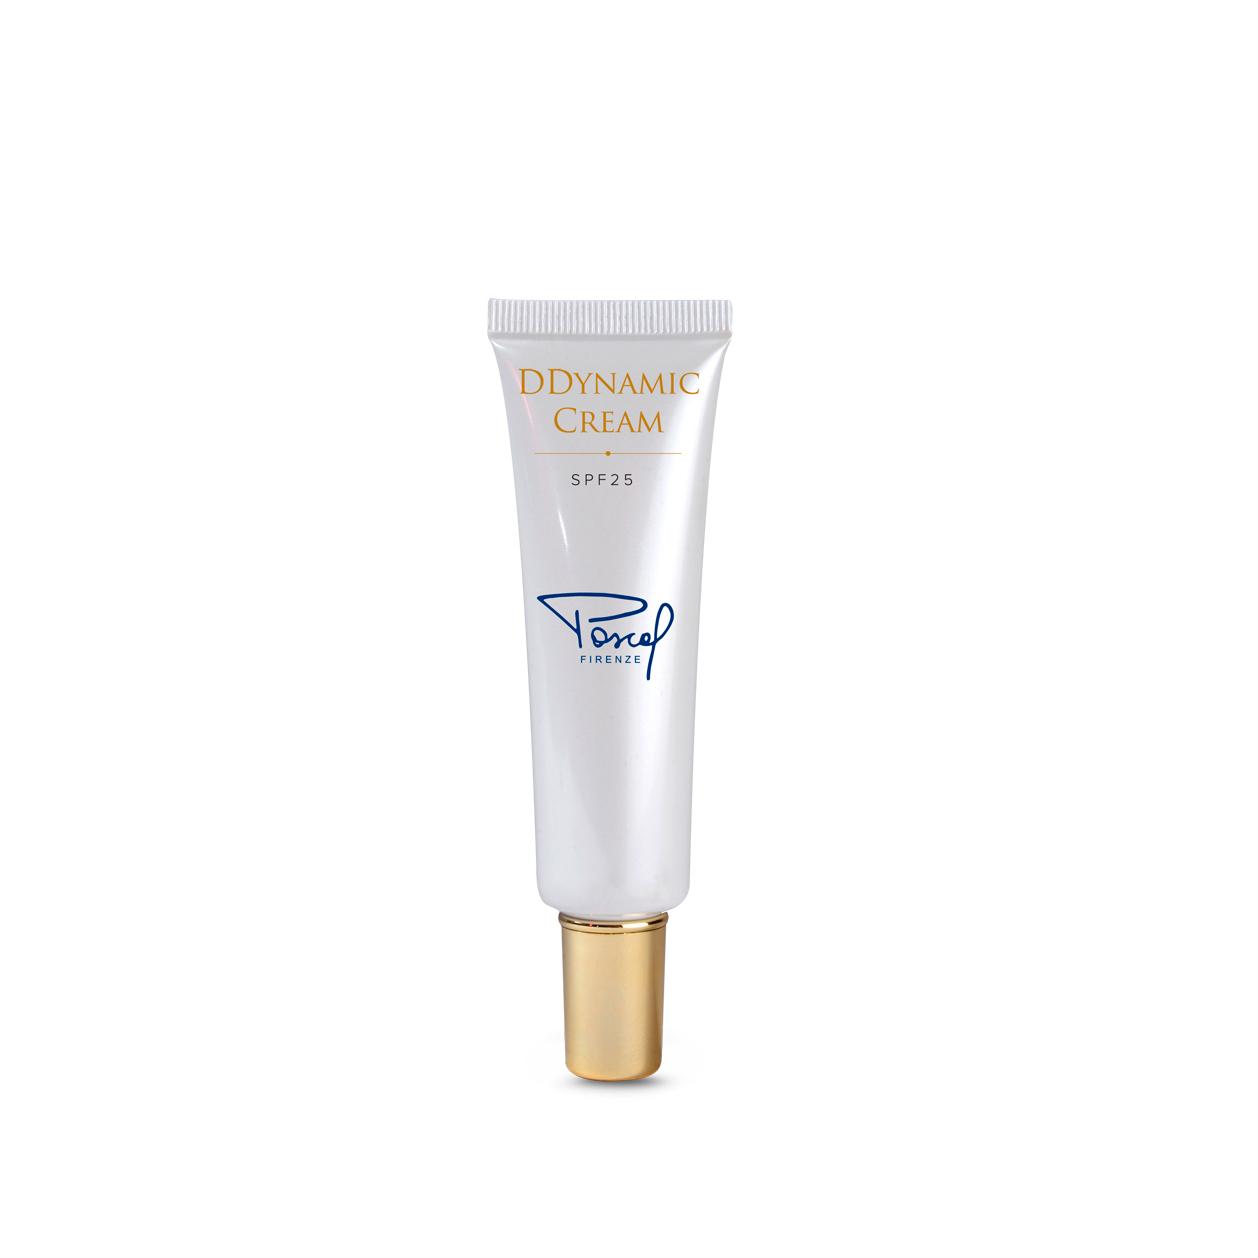 DDynamic Cream